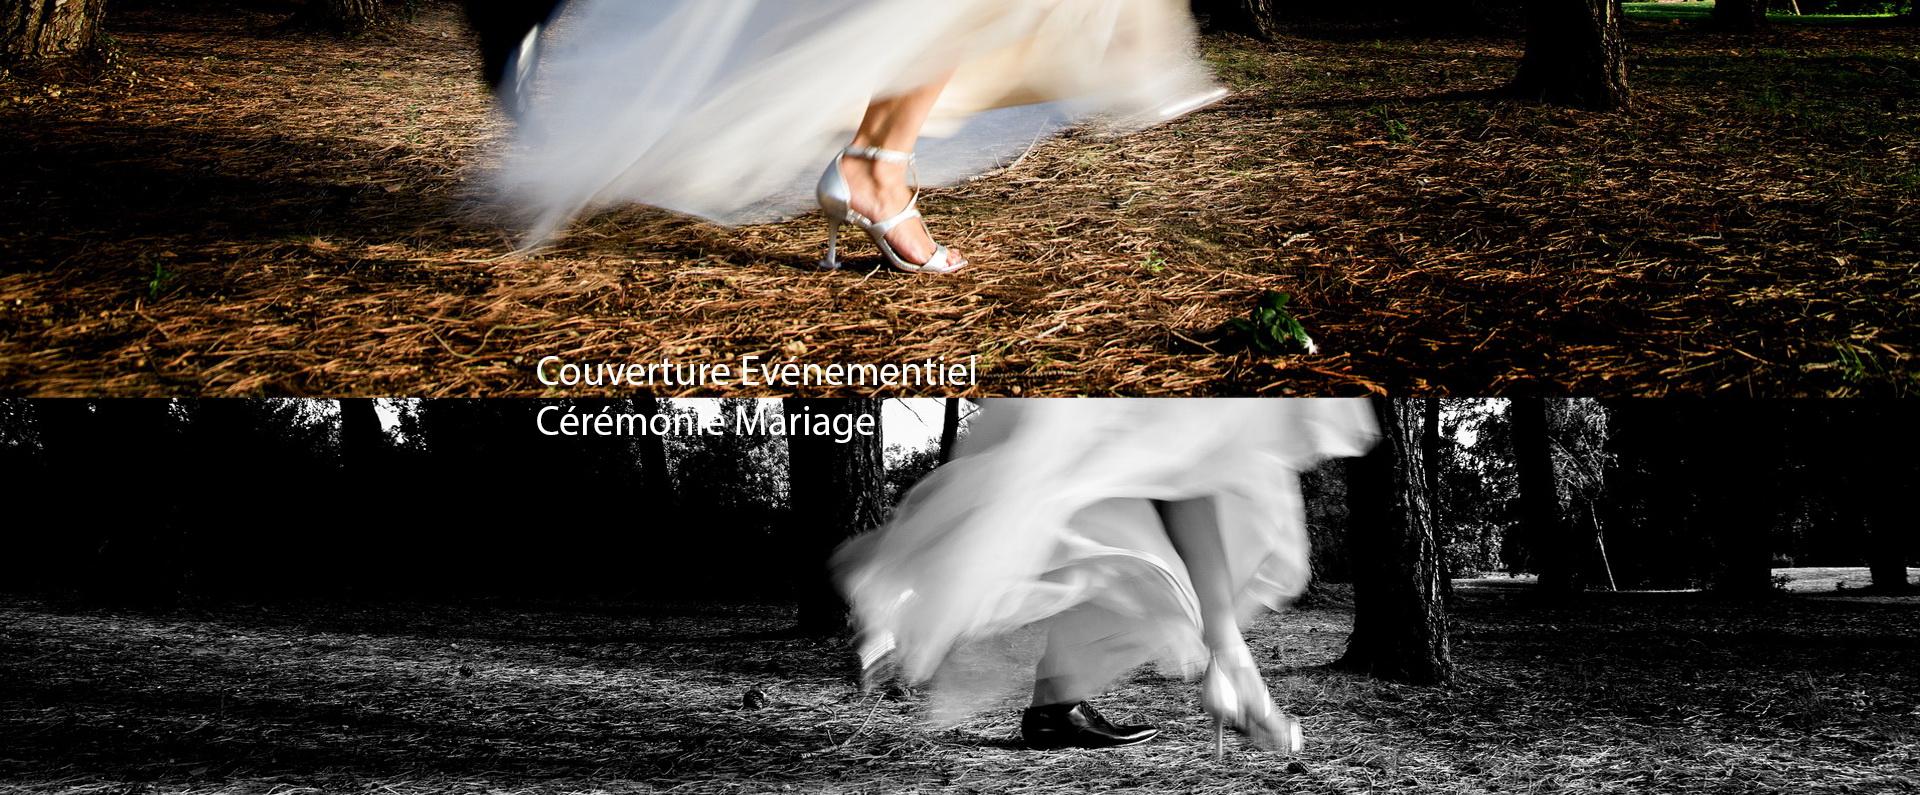 Photographies Cérémonies Mariages - Portraits - événementiels, Photographe professionnel David-Alexandre Vianey, couvre sous reportage, les différentes cérémonies de mariage.